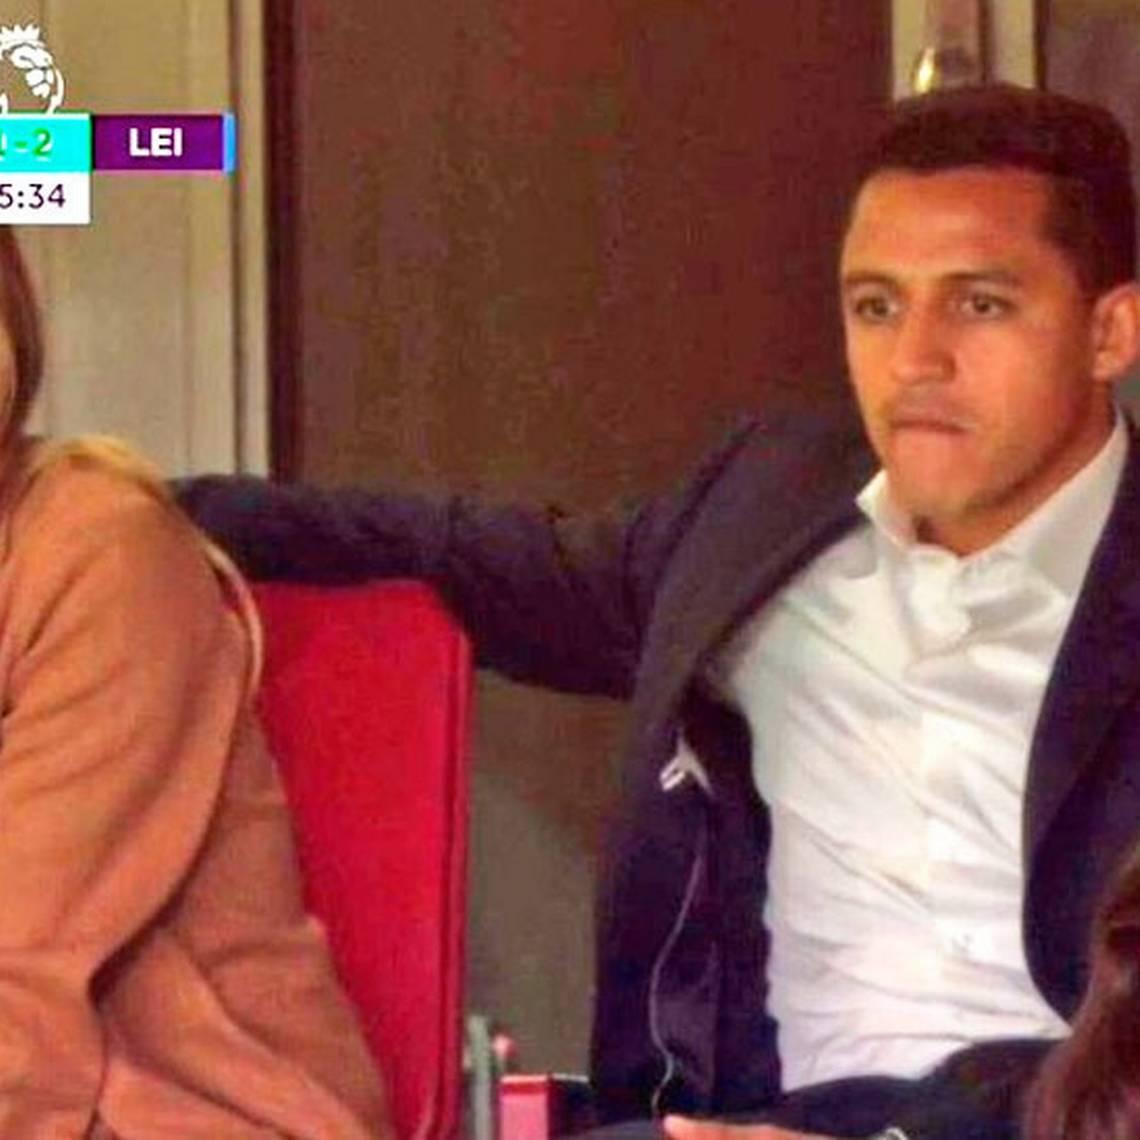 Alexis no juega en estreno del Arsenal y sigue partido junto a Mayte